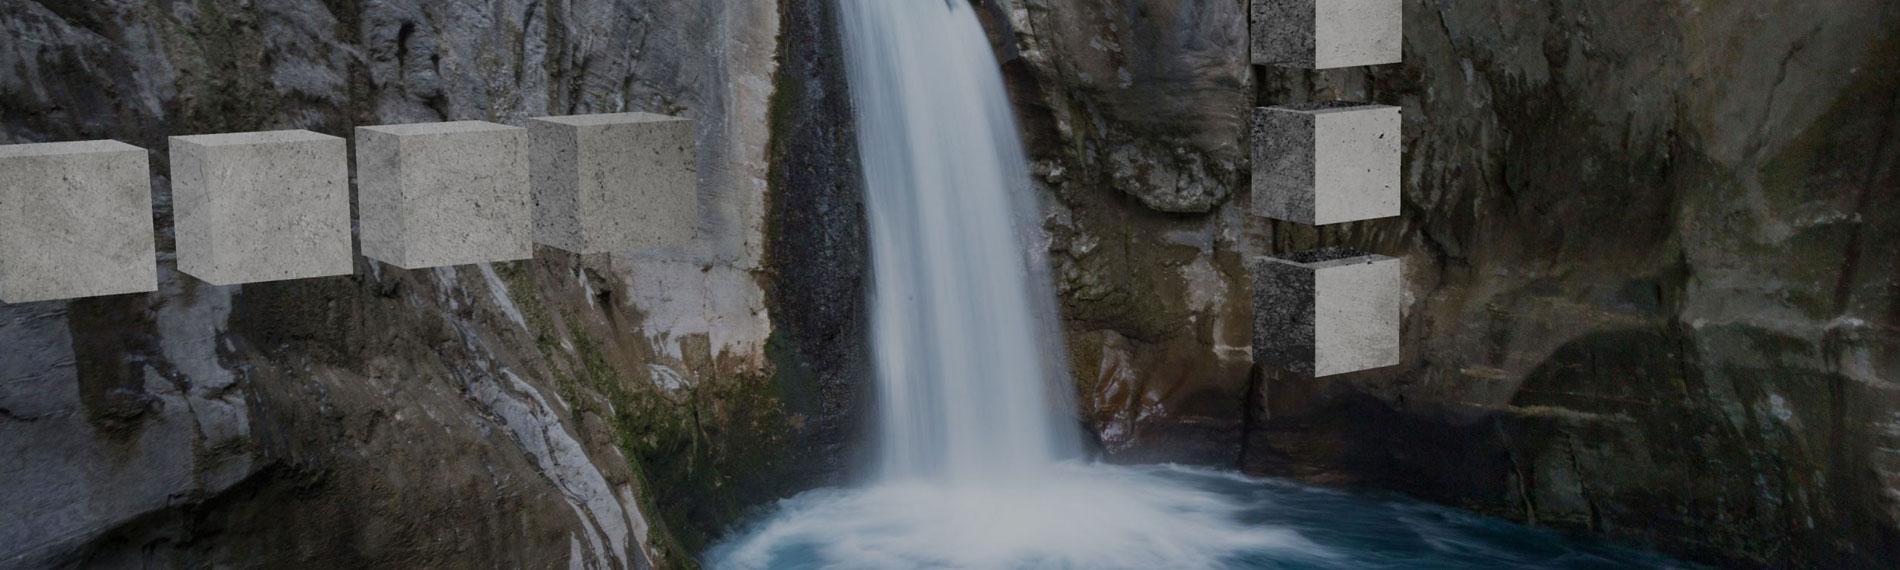 landschaft wasserfall im fels mit schwebenden steinen drumherum